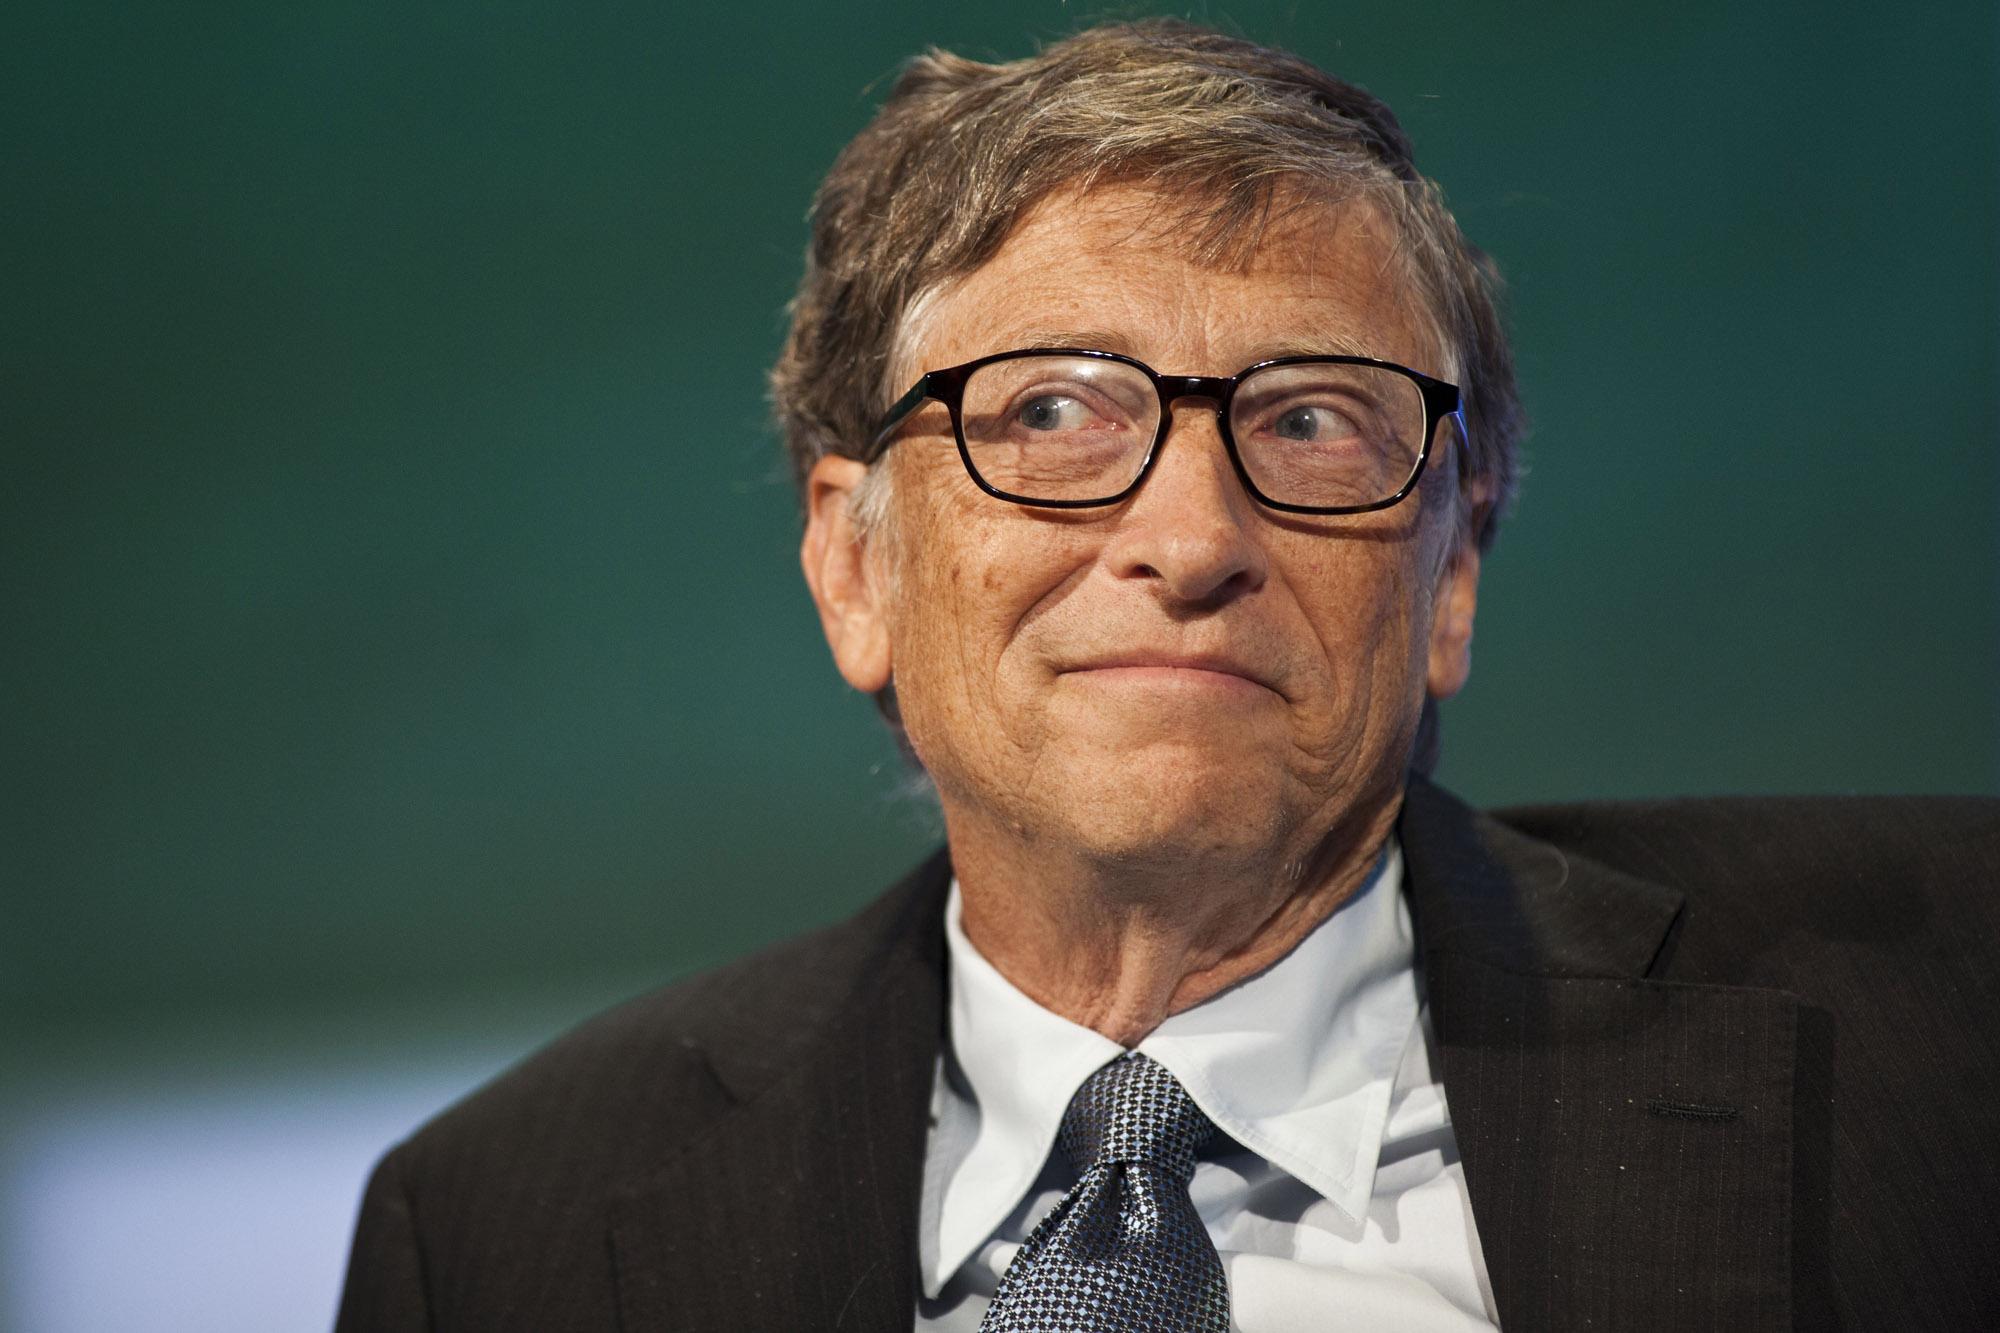 Bill Gates doa US$ 4,6 bilhões, mas ainda é o mais rico do mundo   Negócios